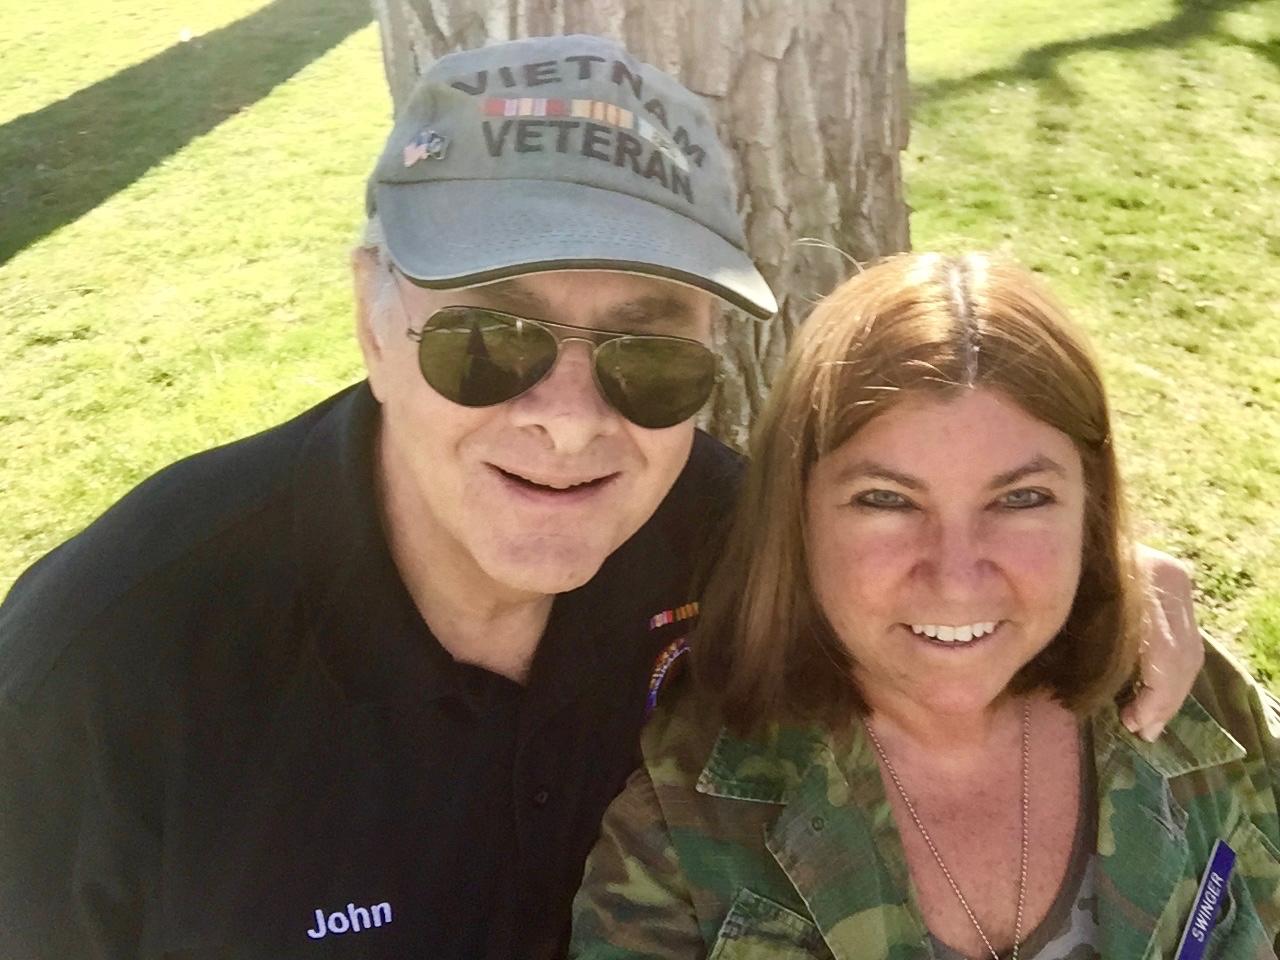 989's John Swinger & Wife